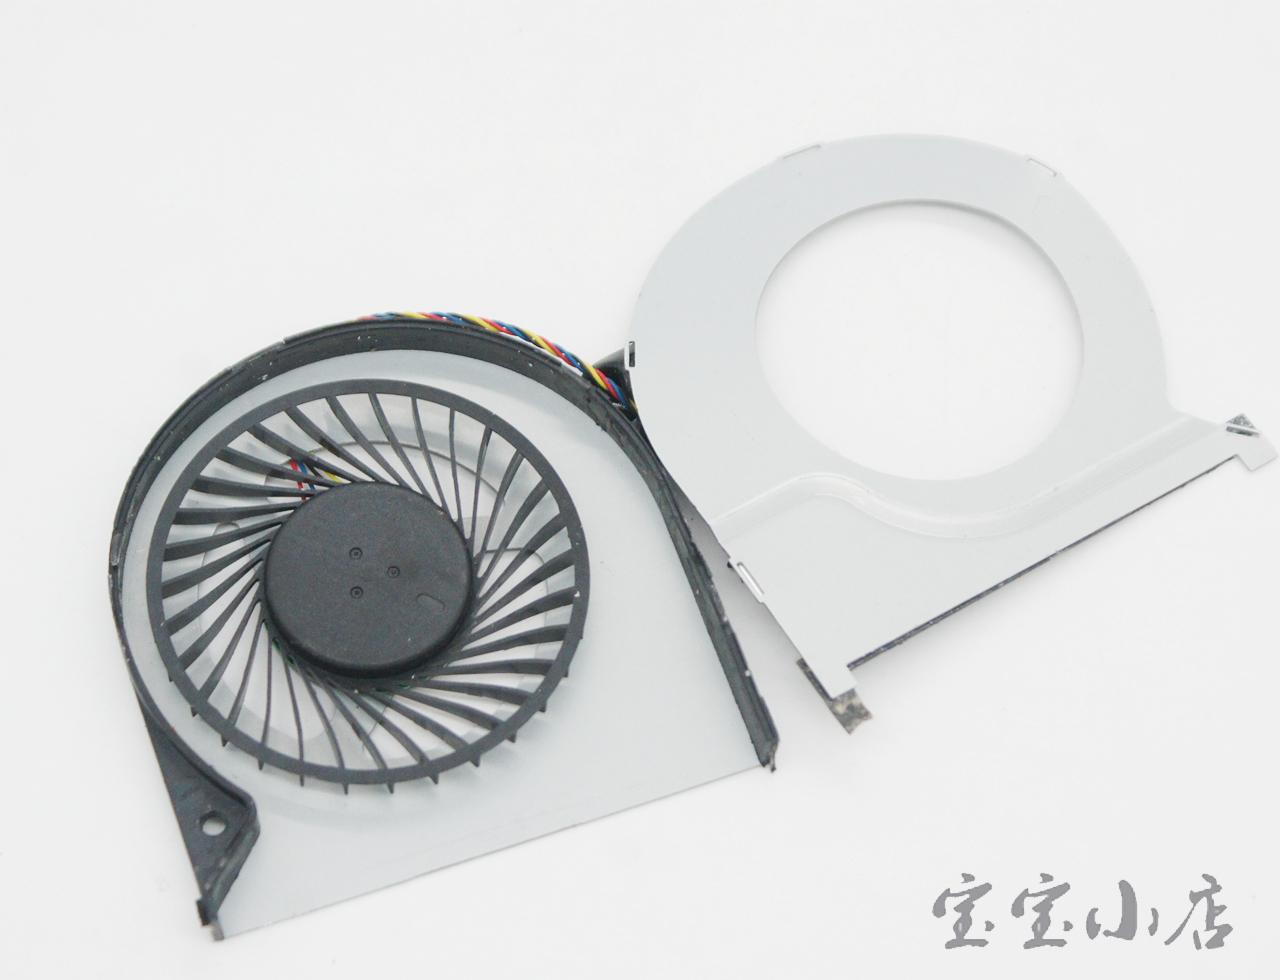 新到货100片 Cooler Master FB07007M05LPA-001 Cooling Fan DC 5V 0.50A Bare Fan 散热风扇